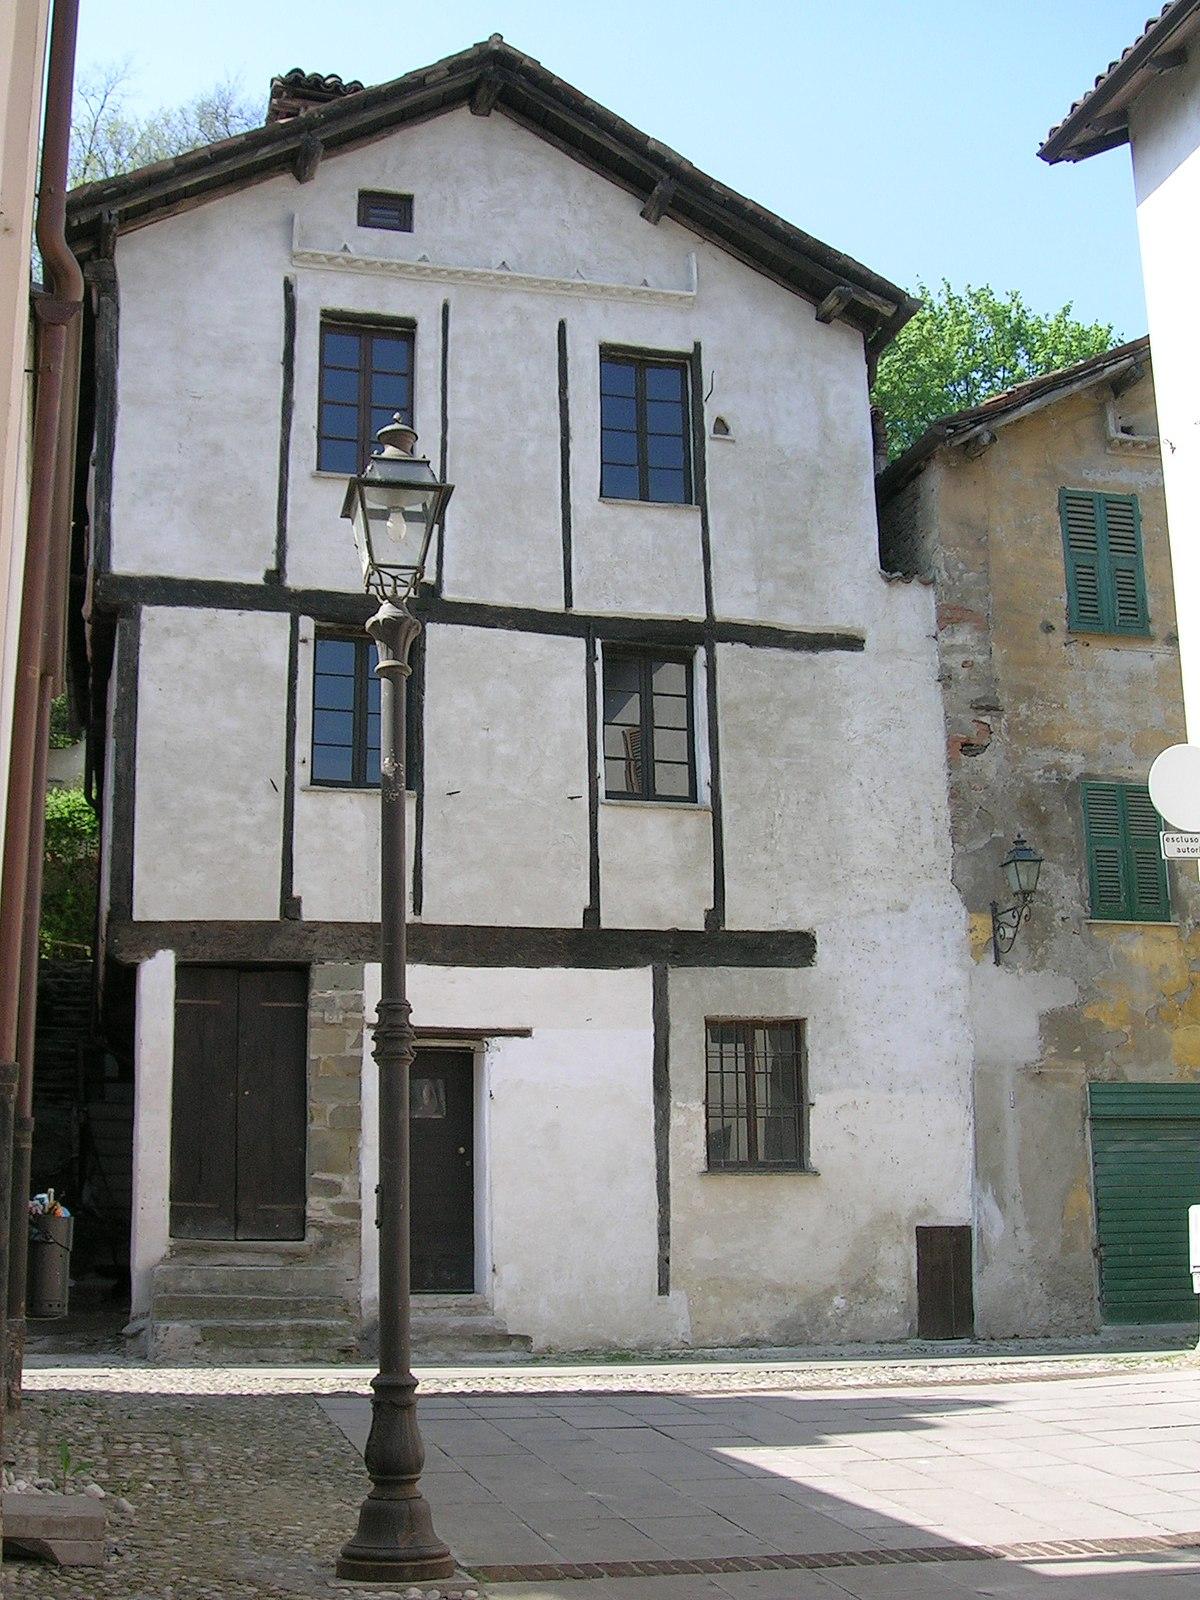 Casa gotica wikipedia for Piani di casa cottage gotico